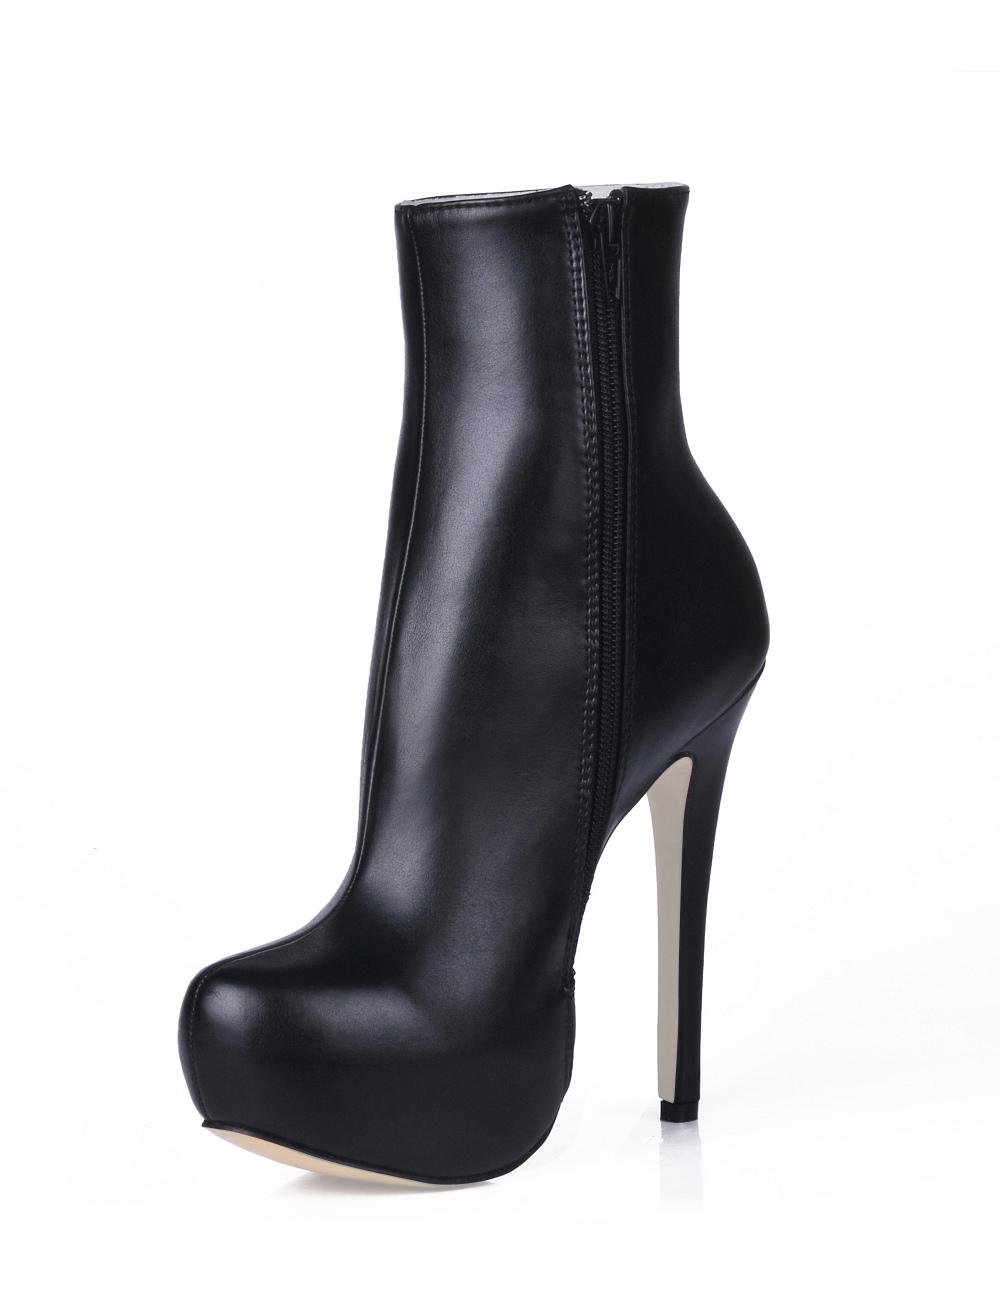 Black High Heel PU Mid Calf Boots